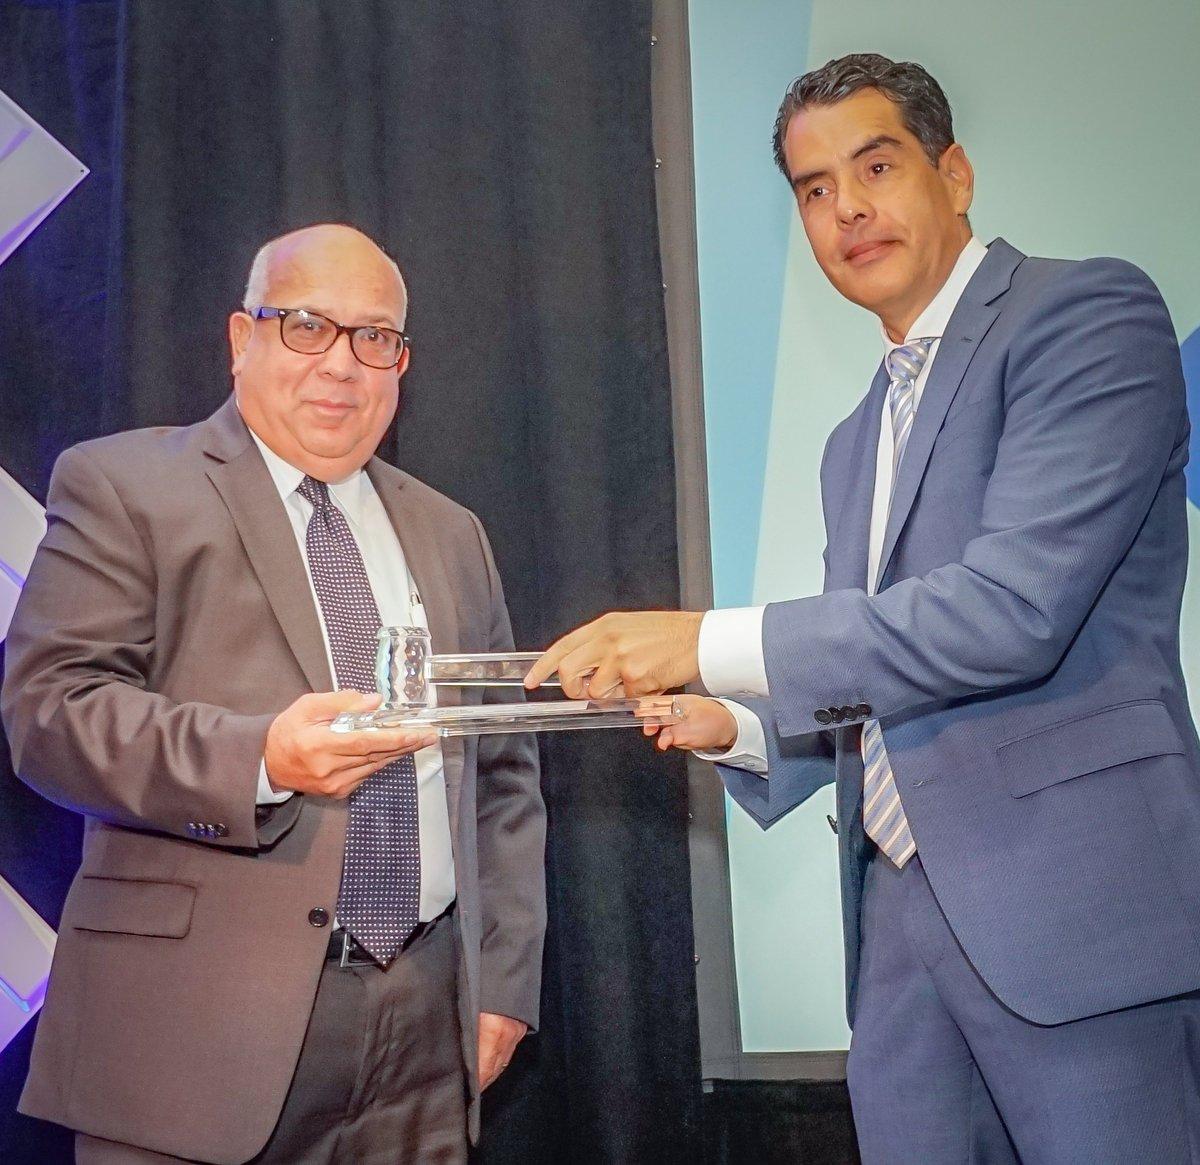 Nuevo presidente en la Asociación de Hoteles y Turismo de Puerto Rico